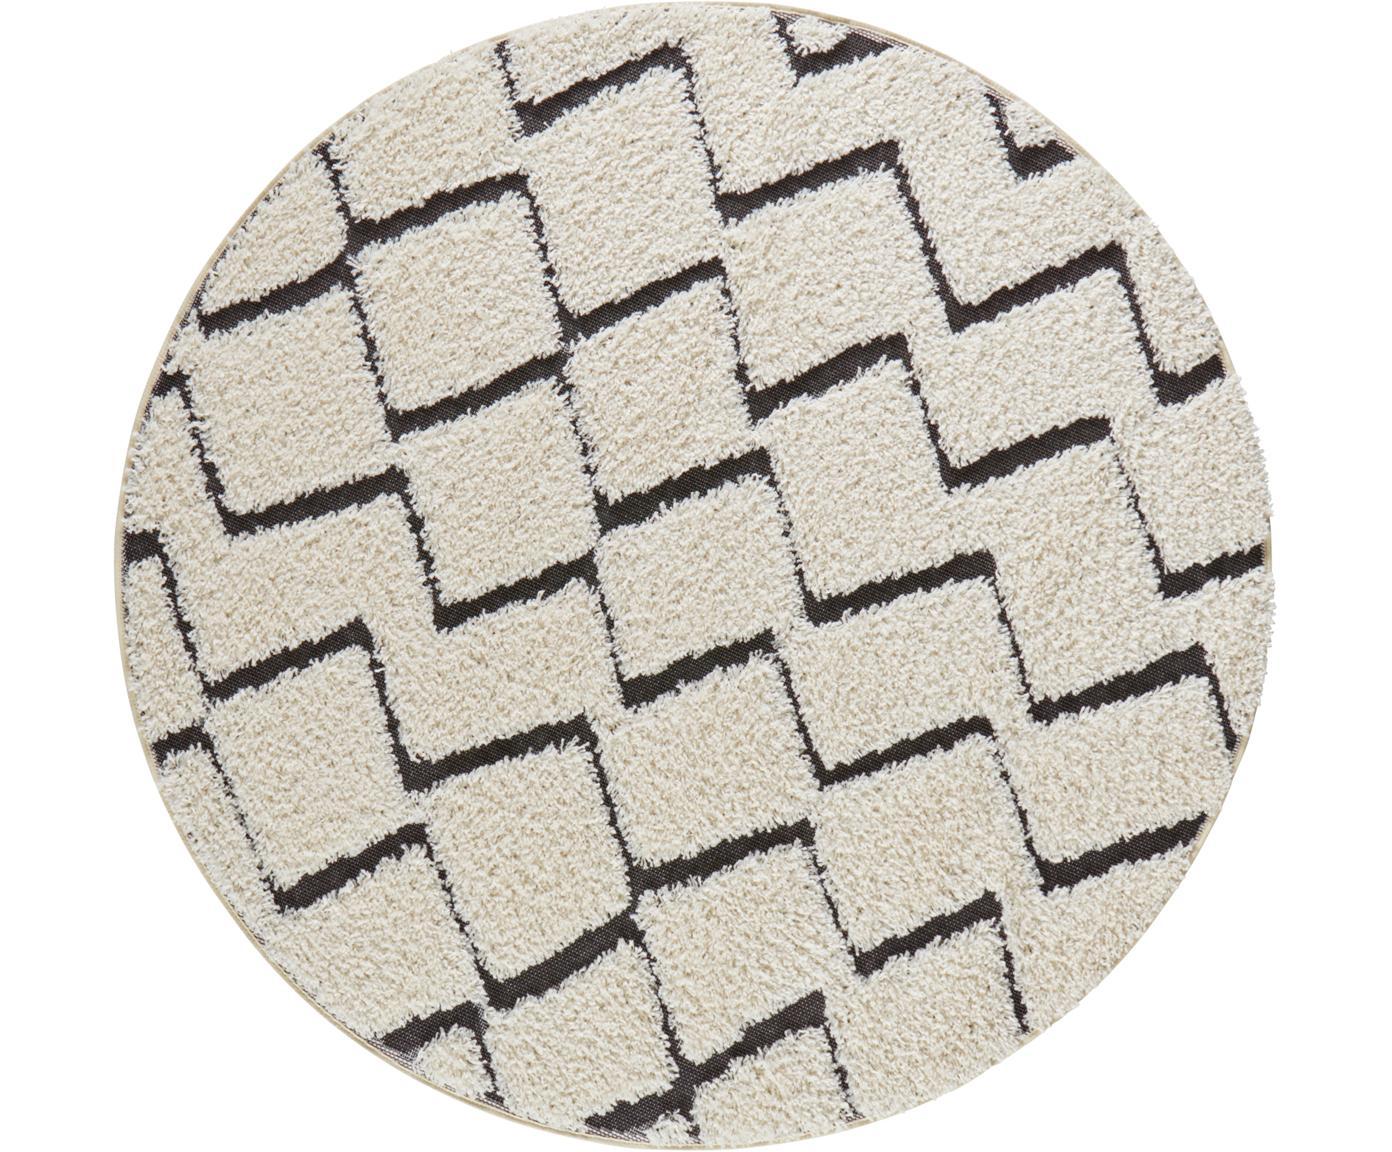 Tappeto rotondo con motivo a rilievo Dades, Color crema, nero, Ø 160 cm (taglia L)